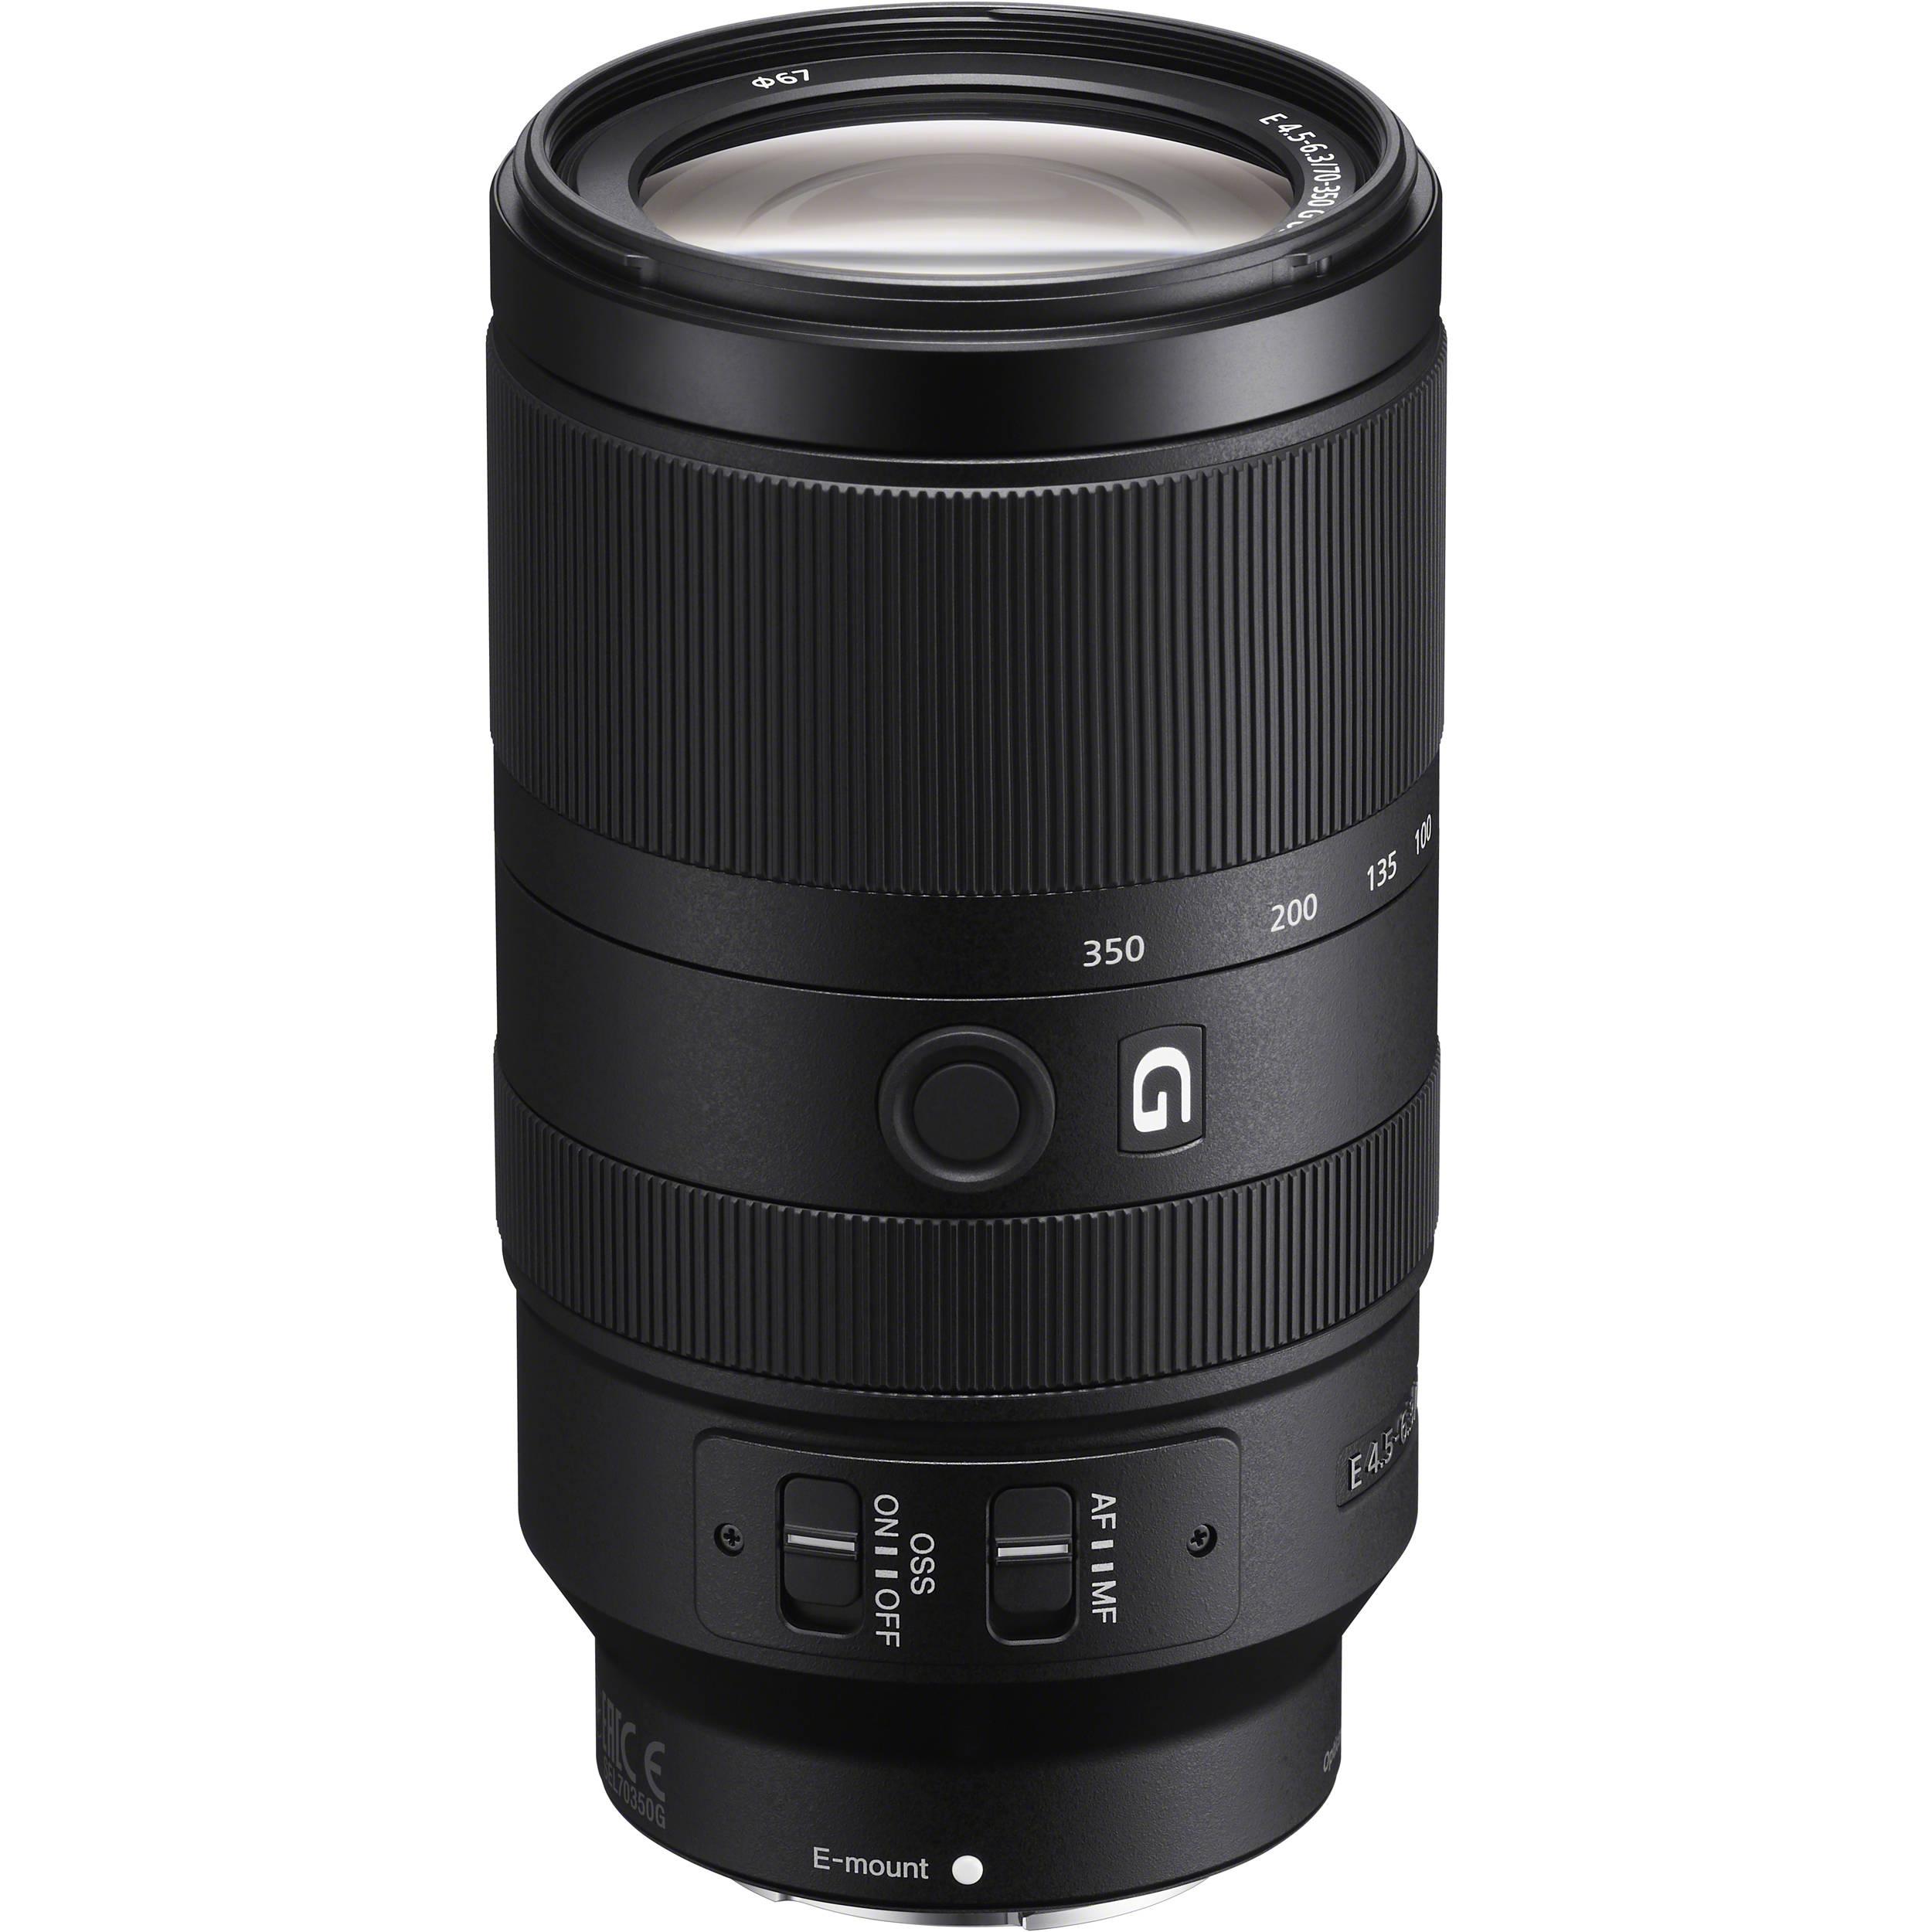 لنز سونی مدل 350-70 میلیمتر مدل f/4.5-6.3 G OSS